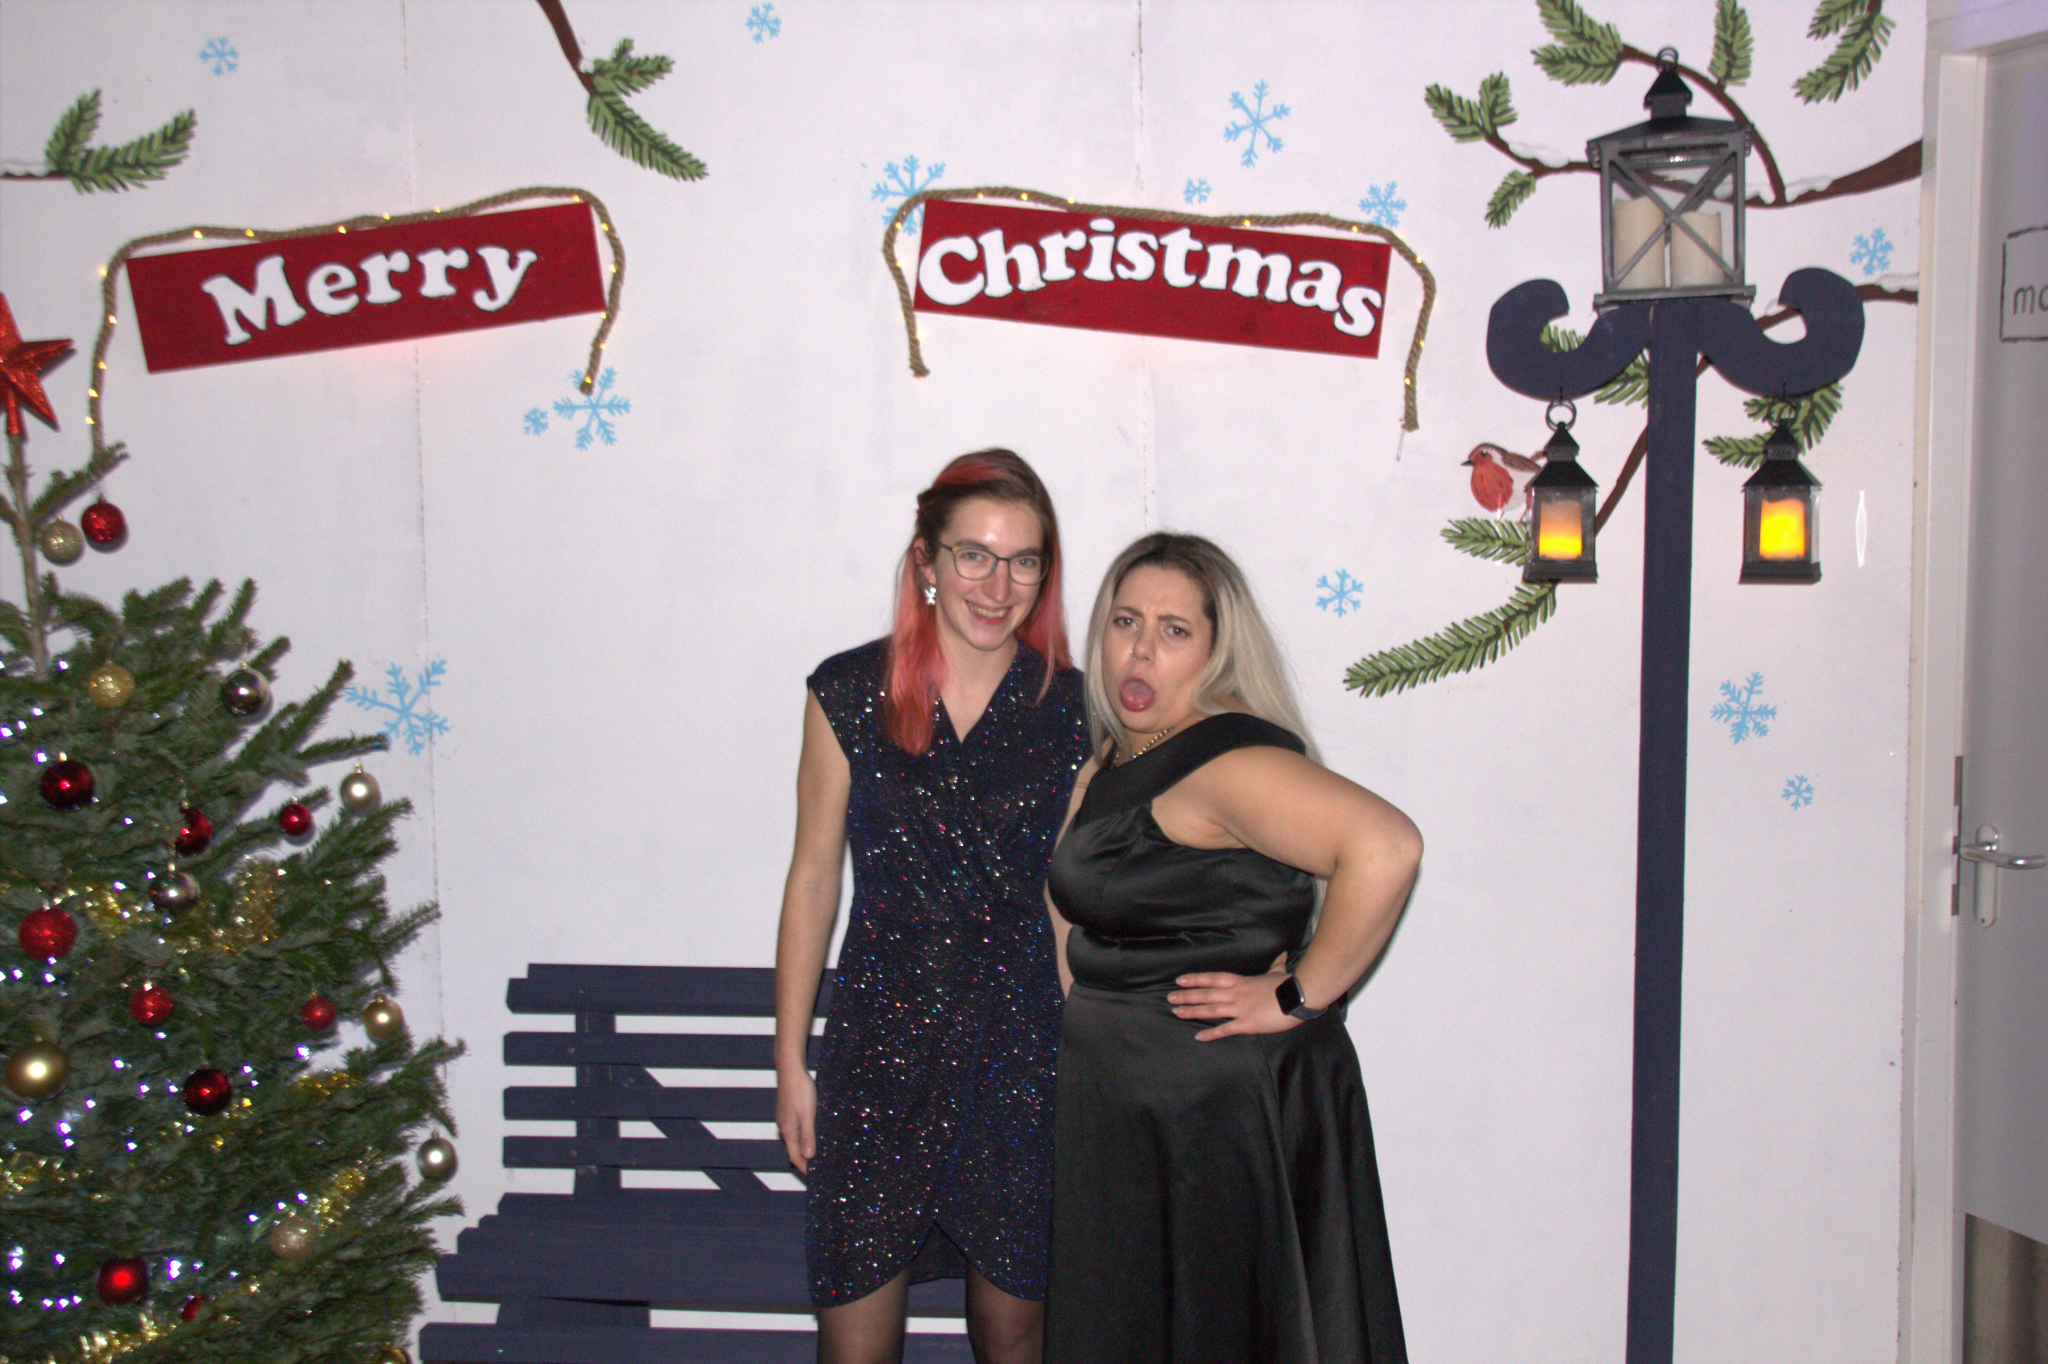 Kerstfeest_207